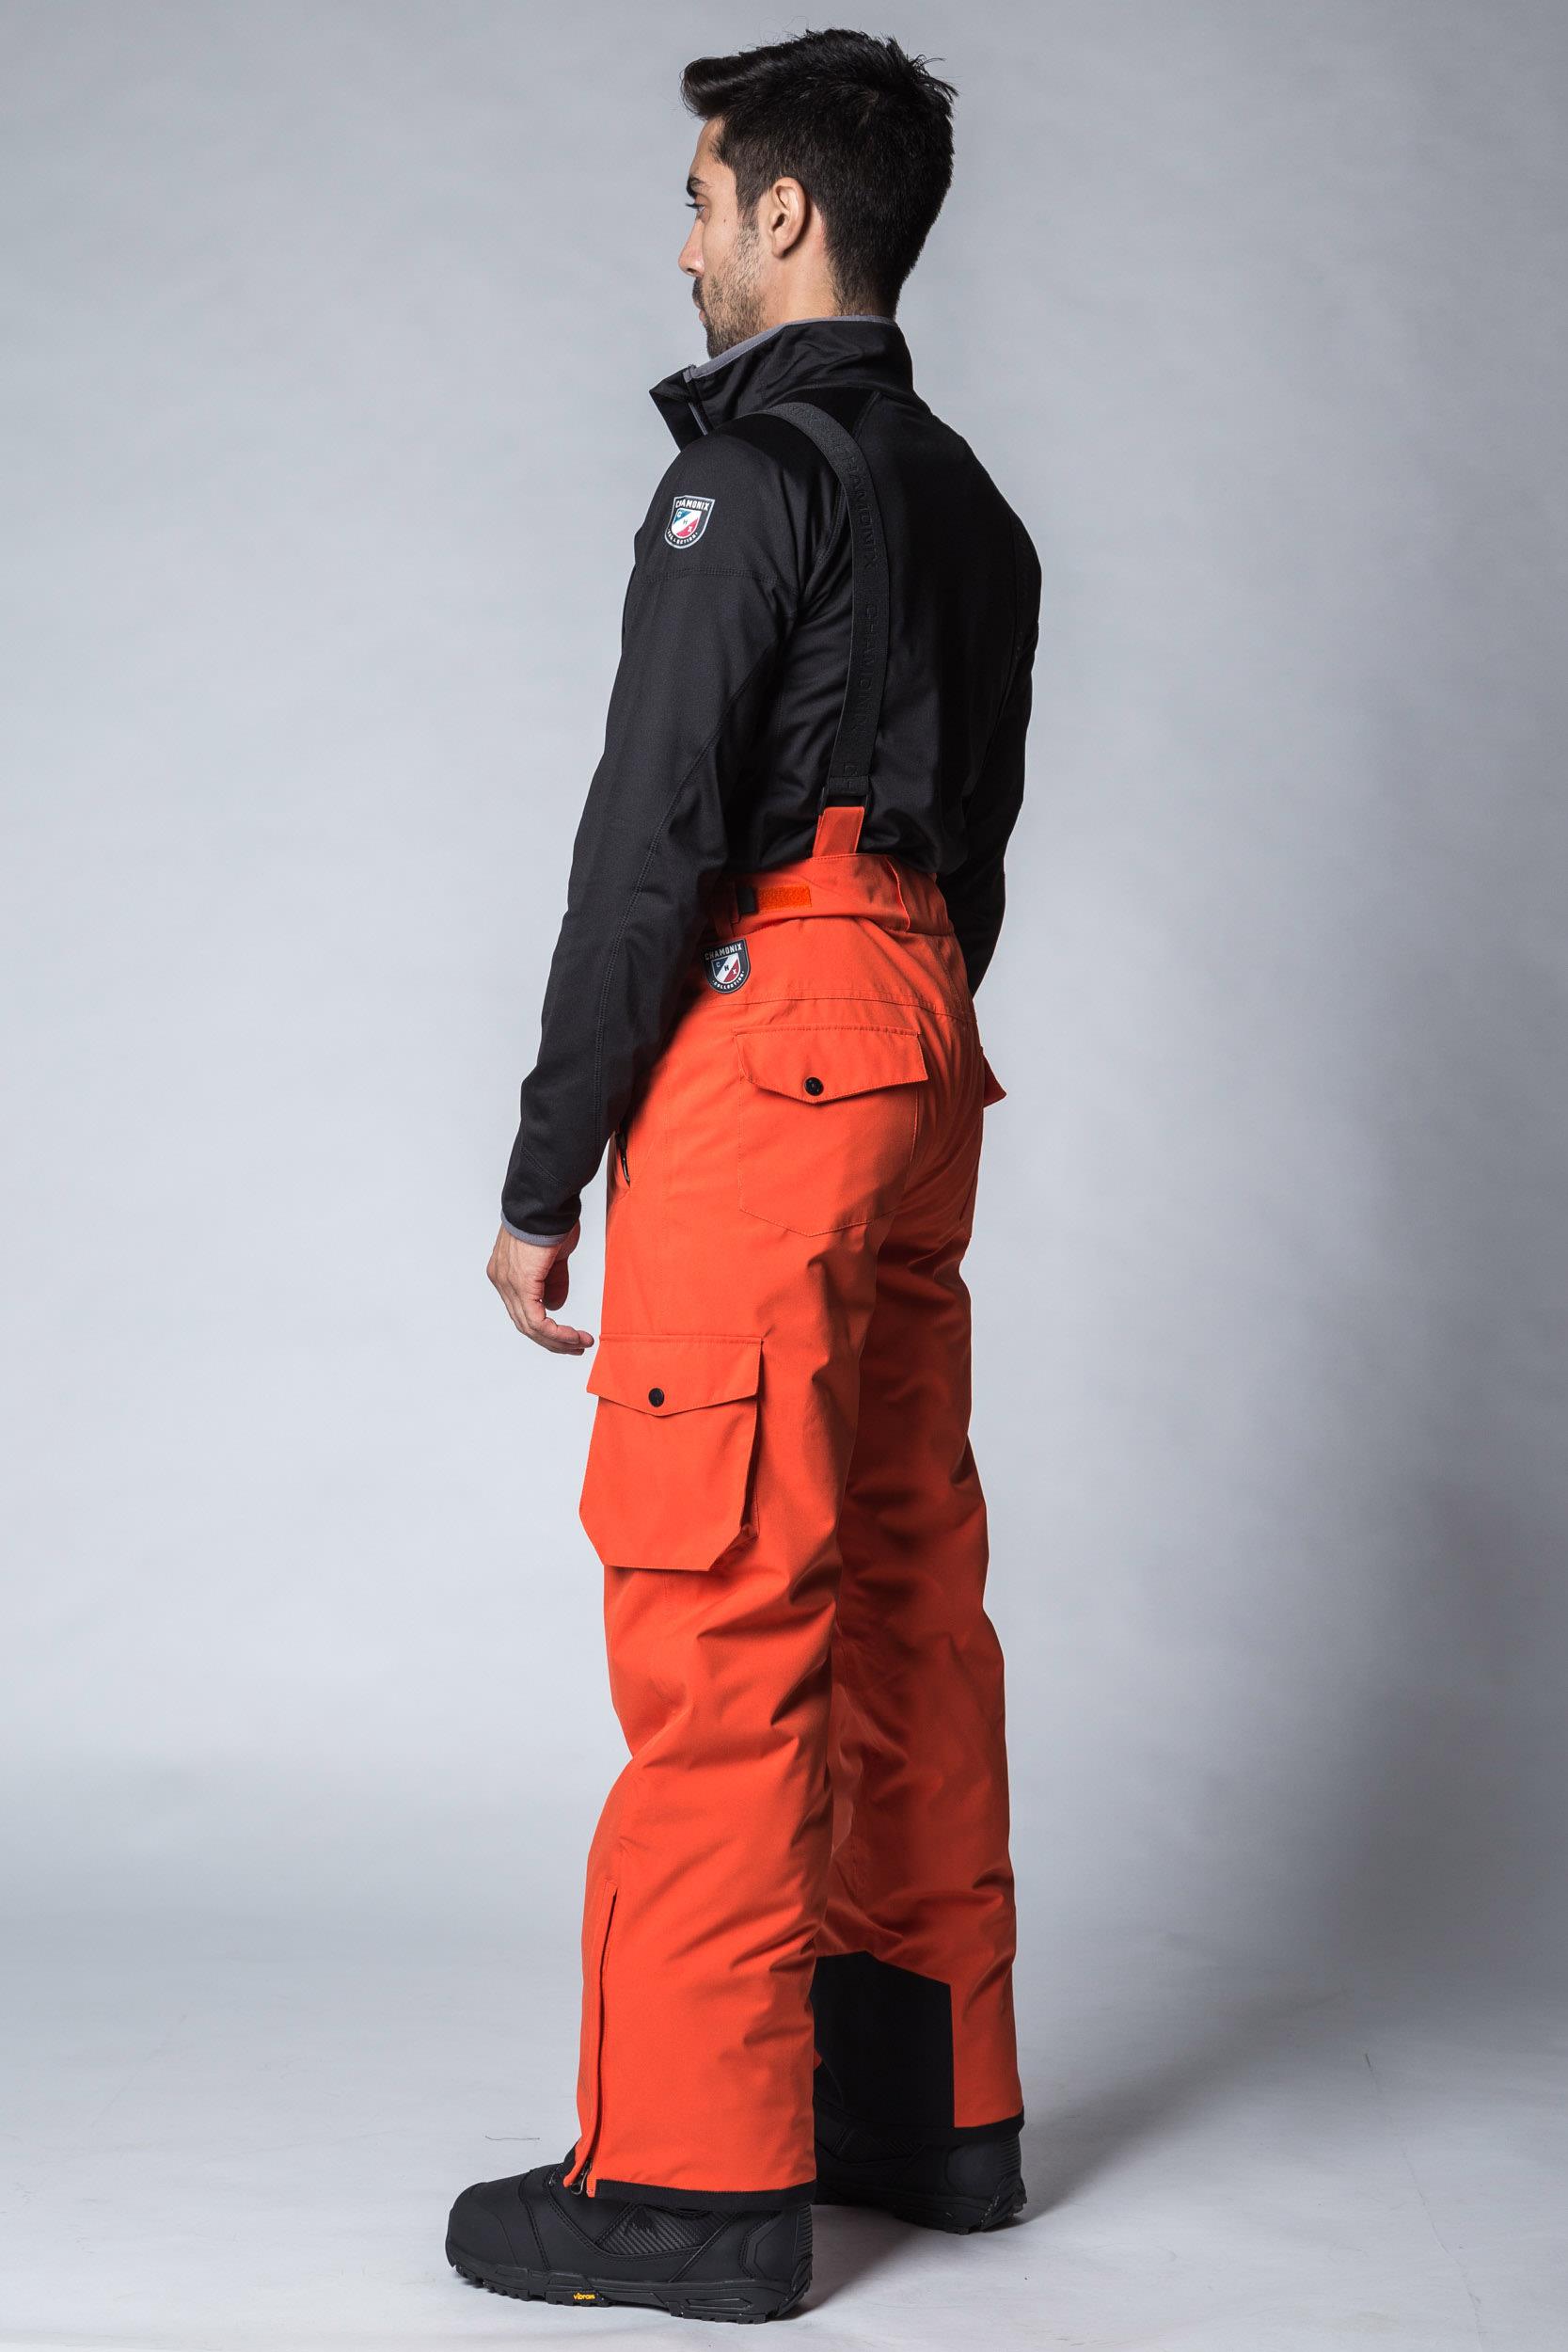 9deceaad3eef Chamonix Magnieu Stretch Cargo Snowboard Pants - thumbnail 4